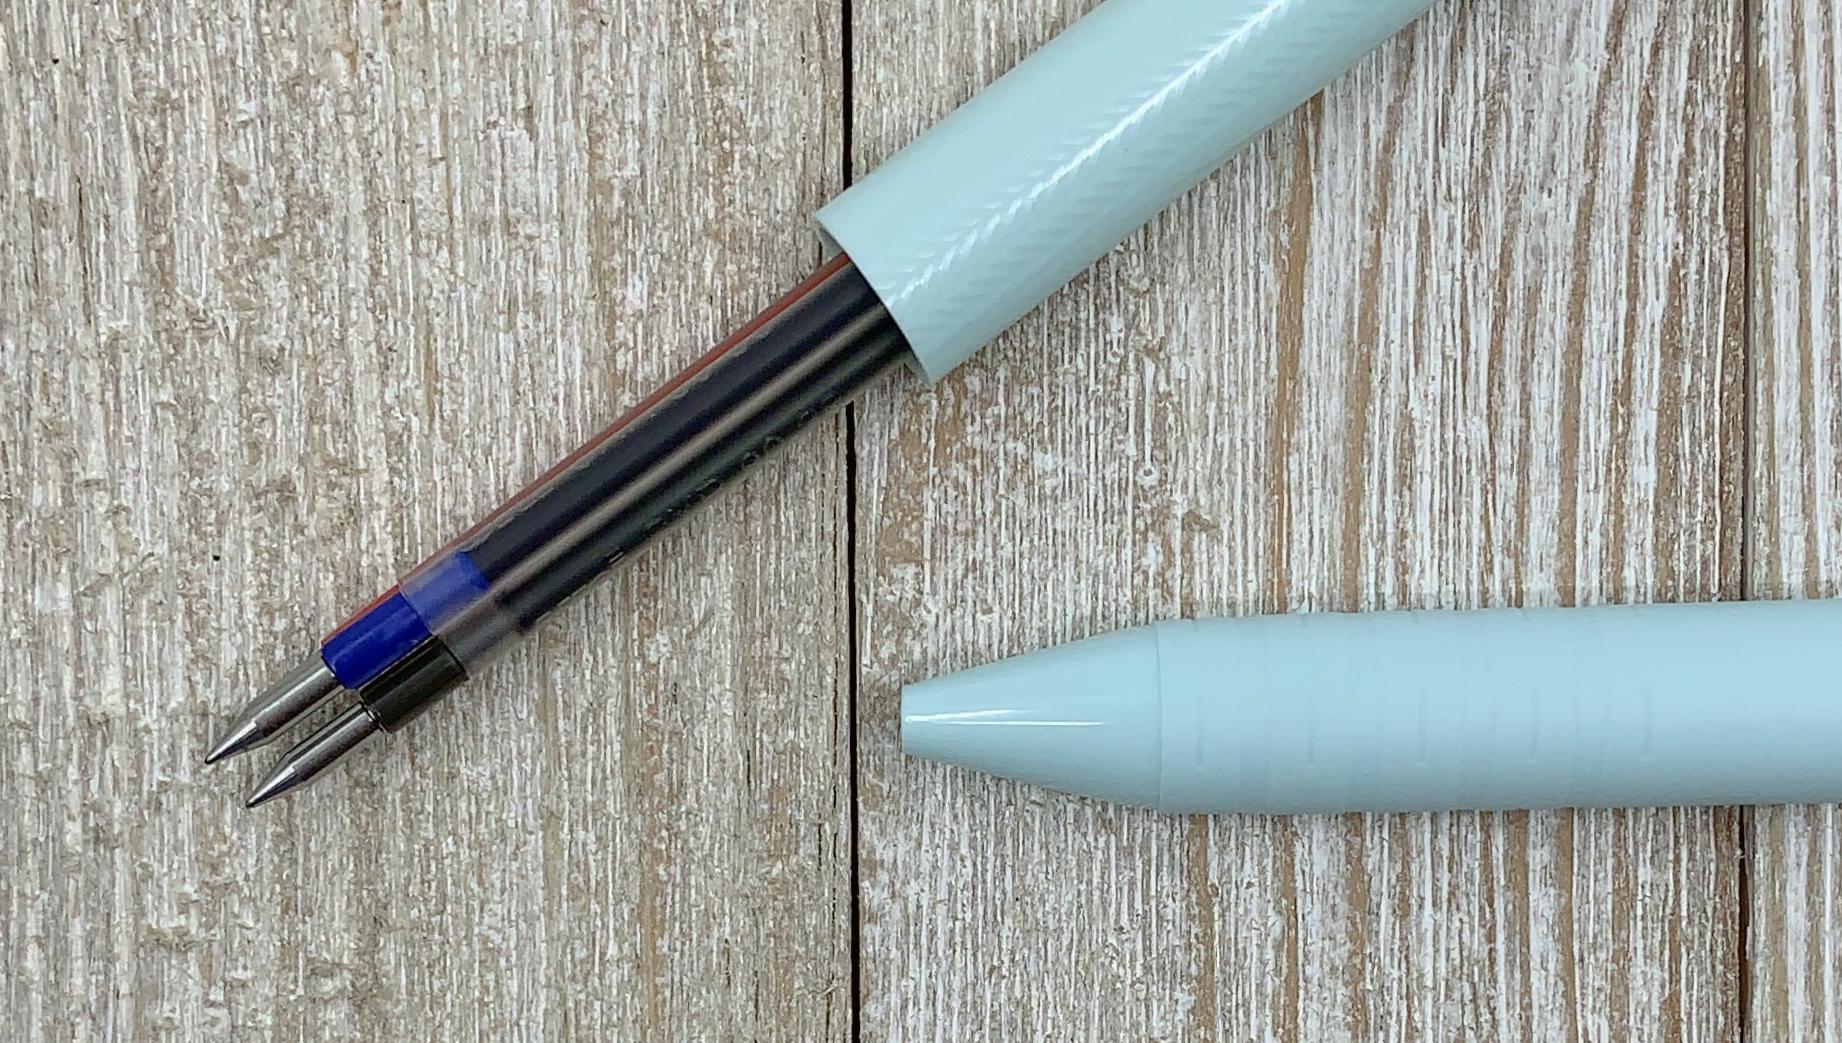 Uni Jetstream Slim Multi Pen 0.38 mm